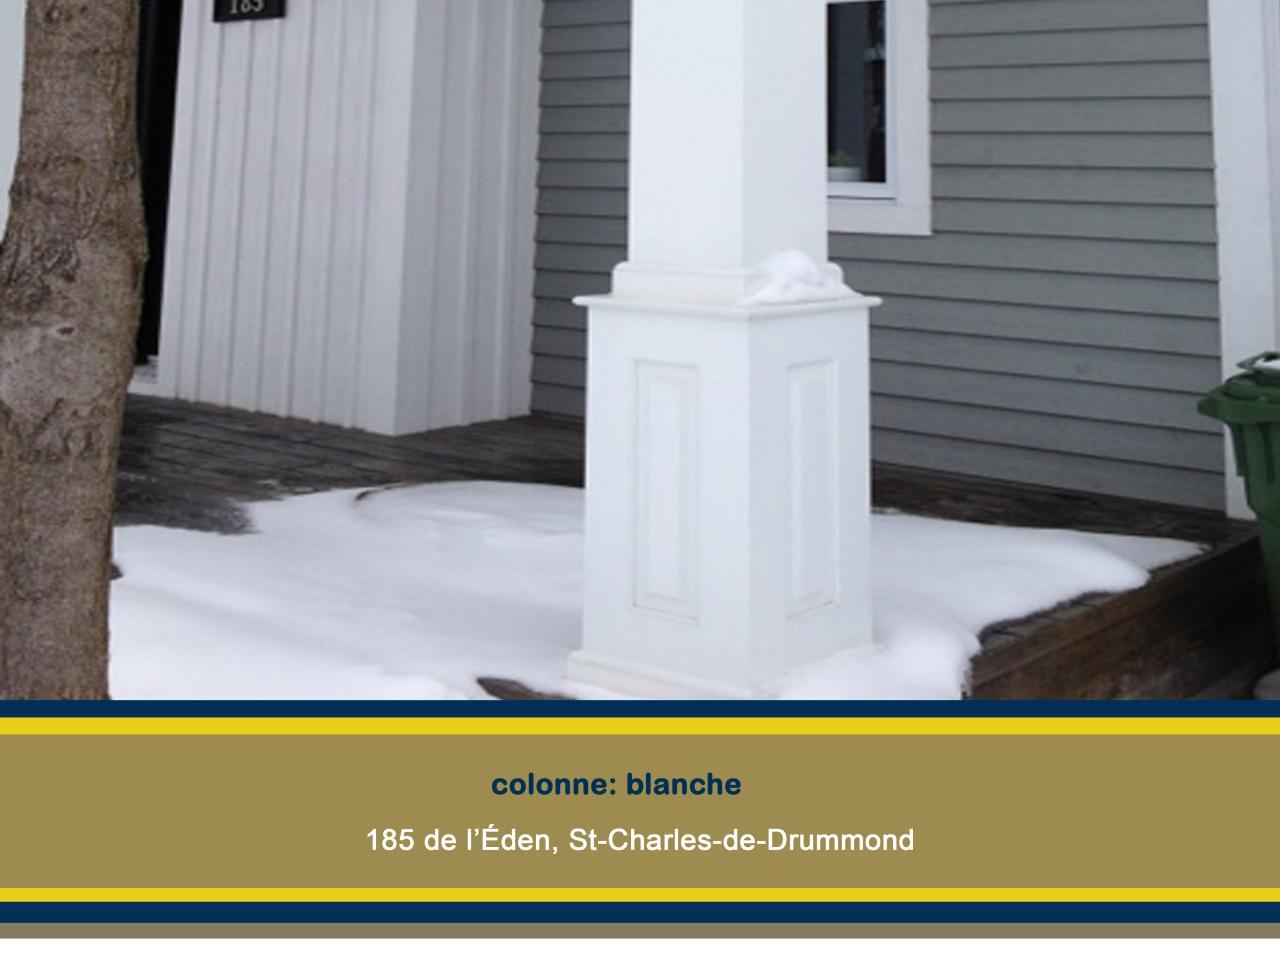 colonne blanche, 185 de l'Éden, St-Charlesde-Drummond